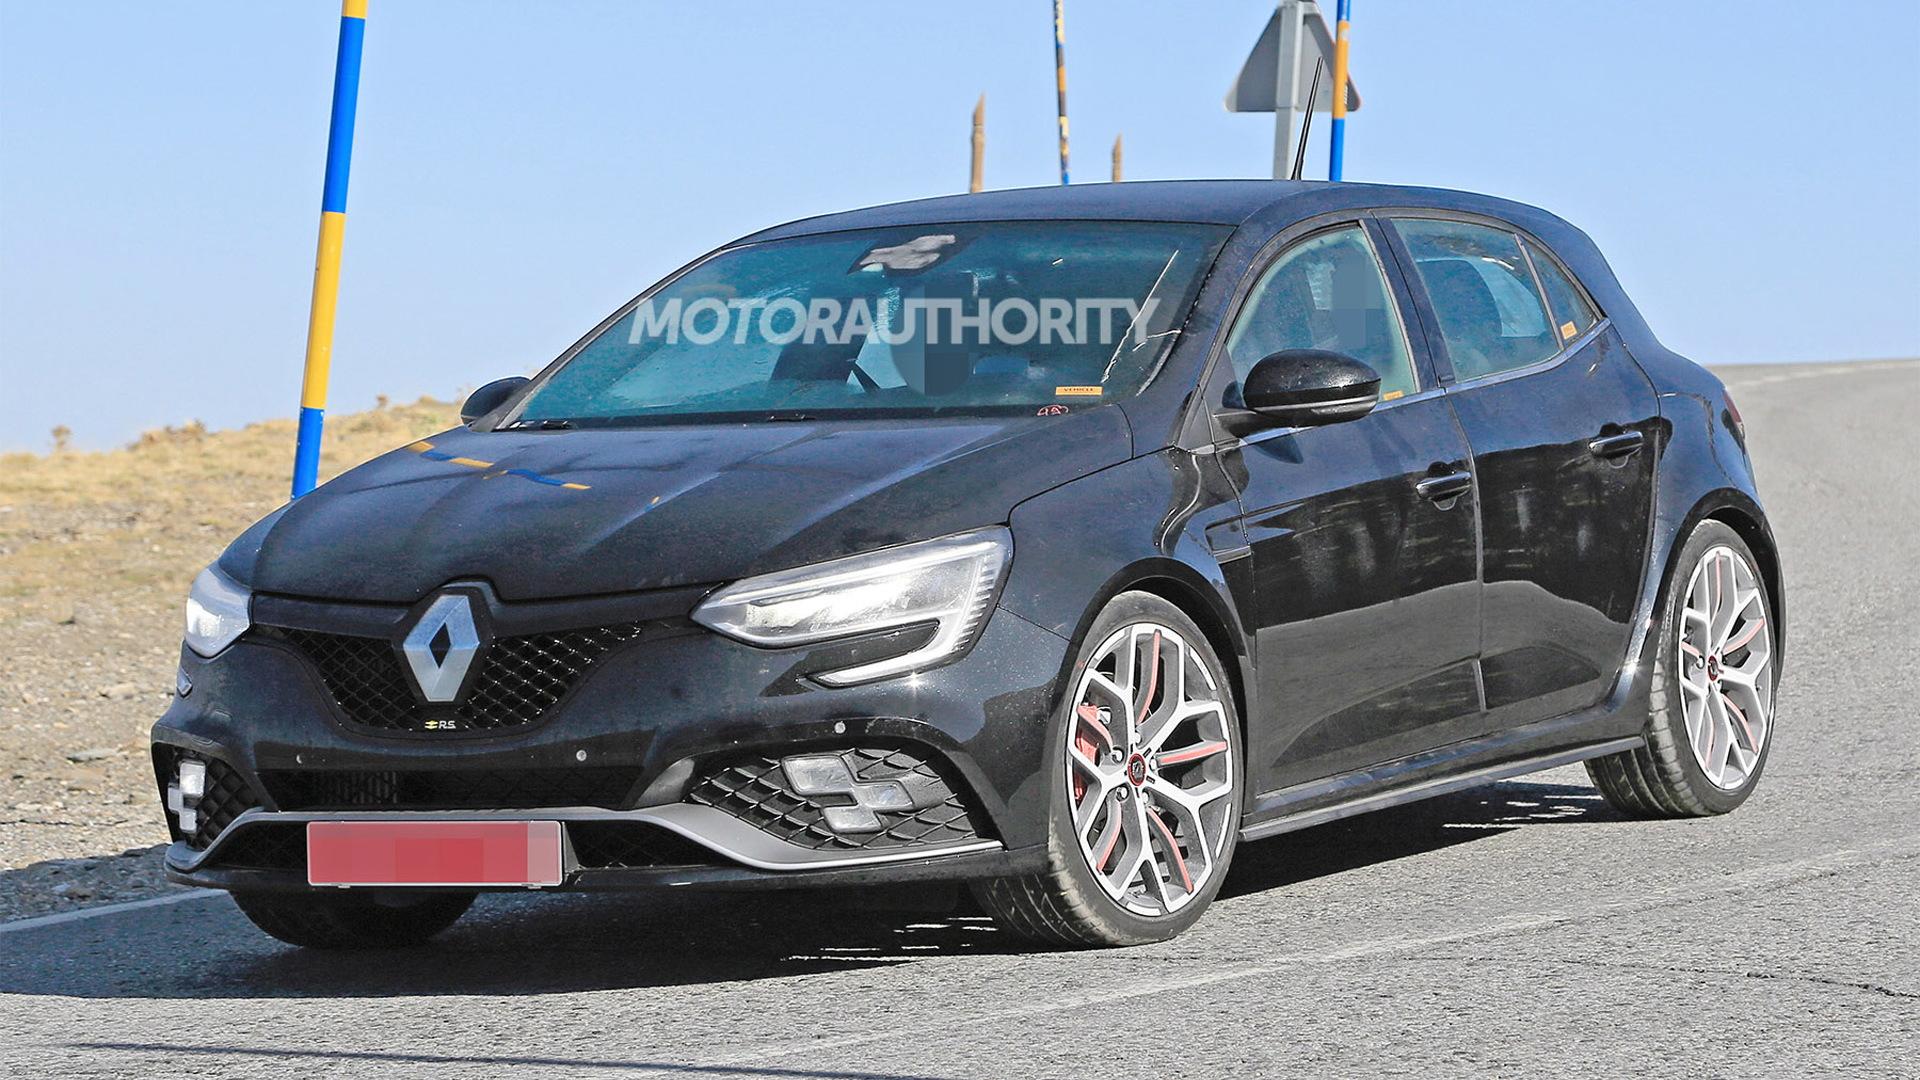 2020 Renault Megane RS facelift spy shots - Photo credit: S. Baldauf/SB-Medien